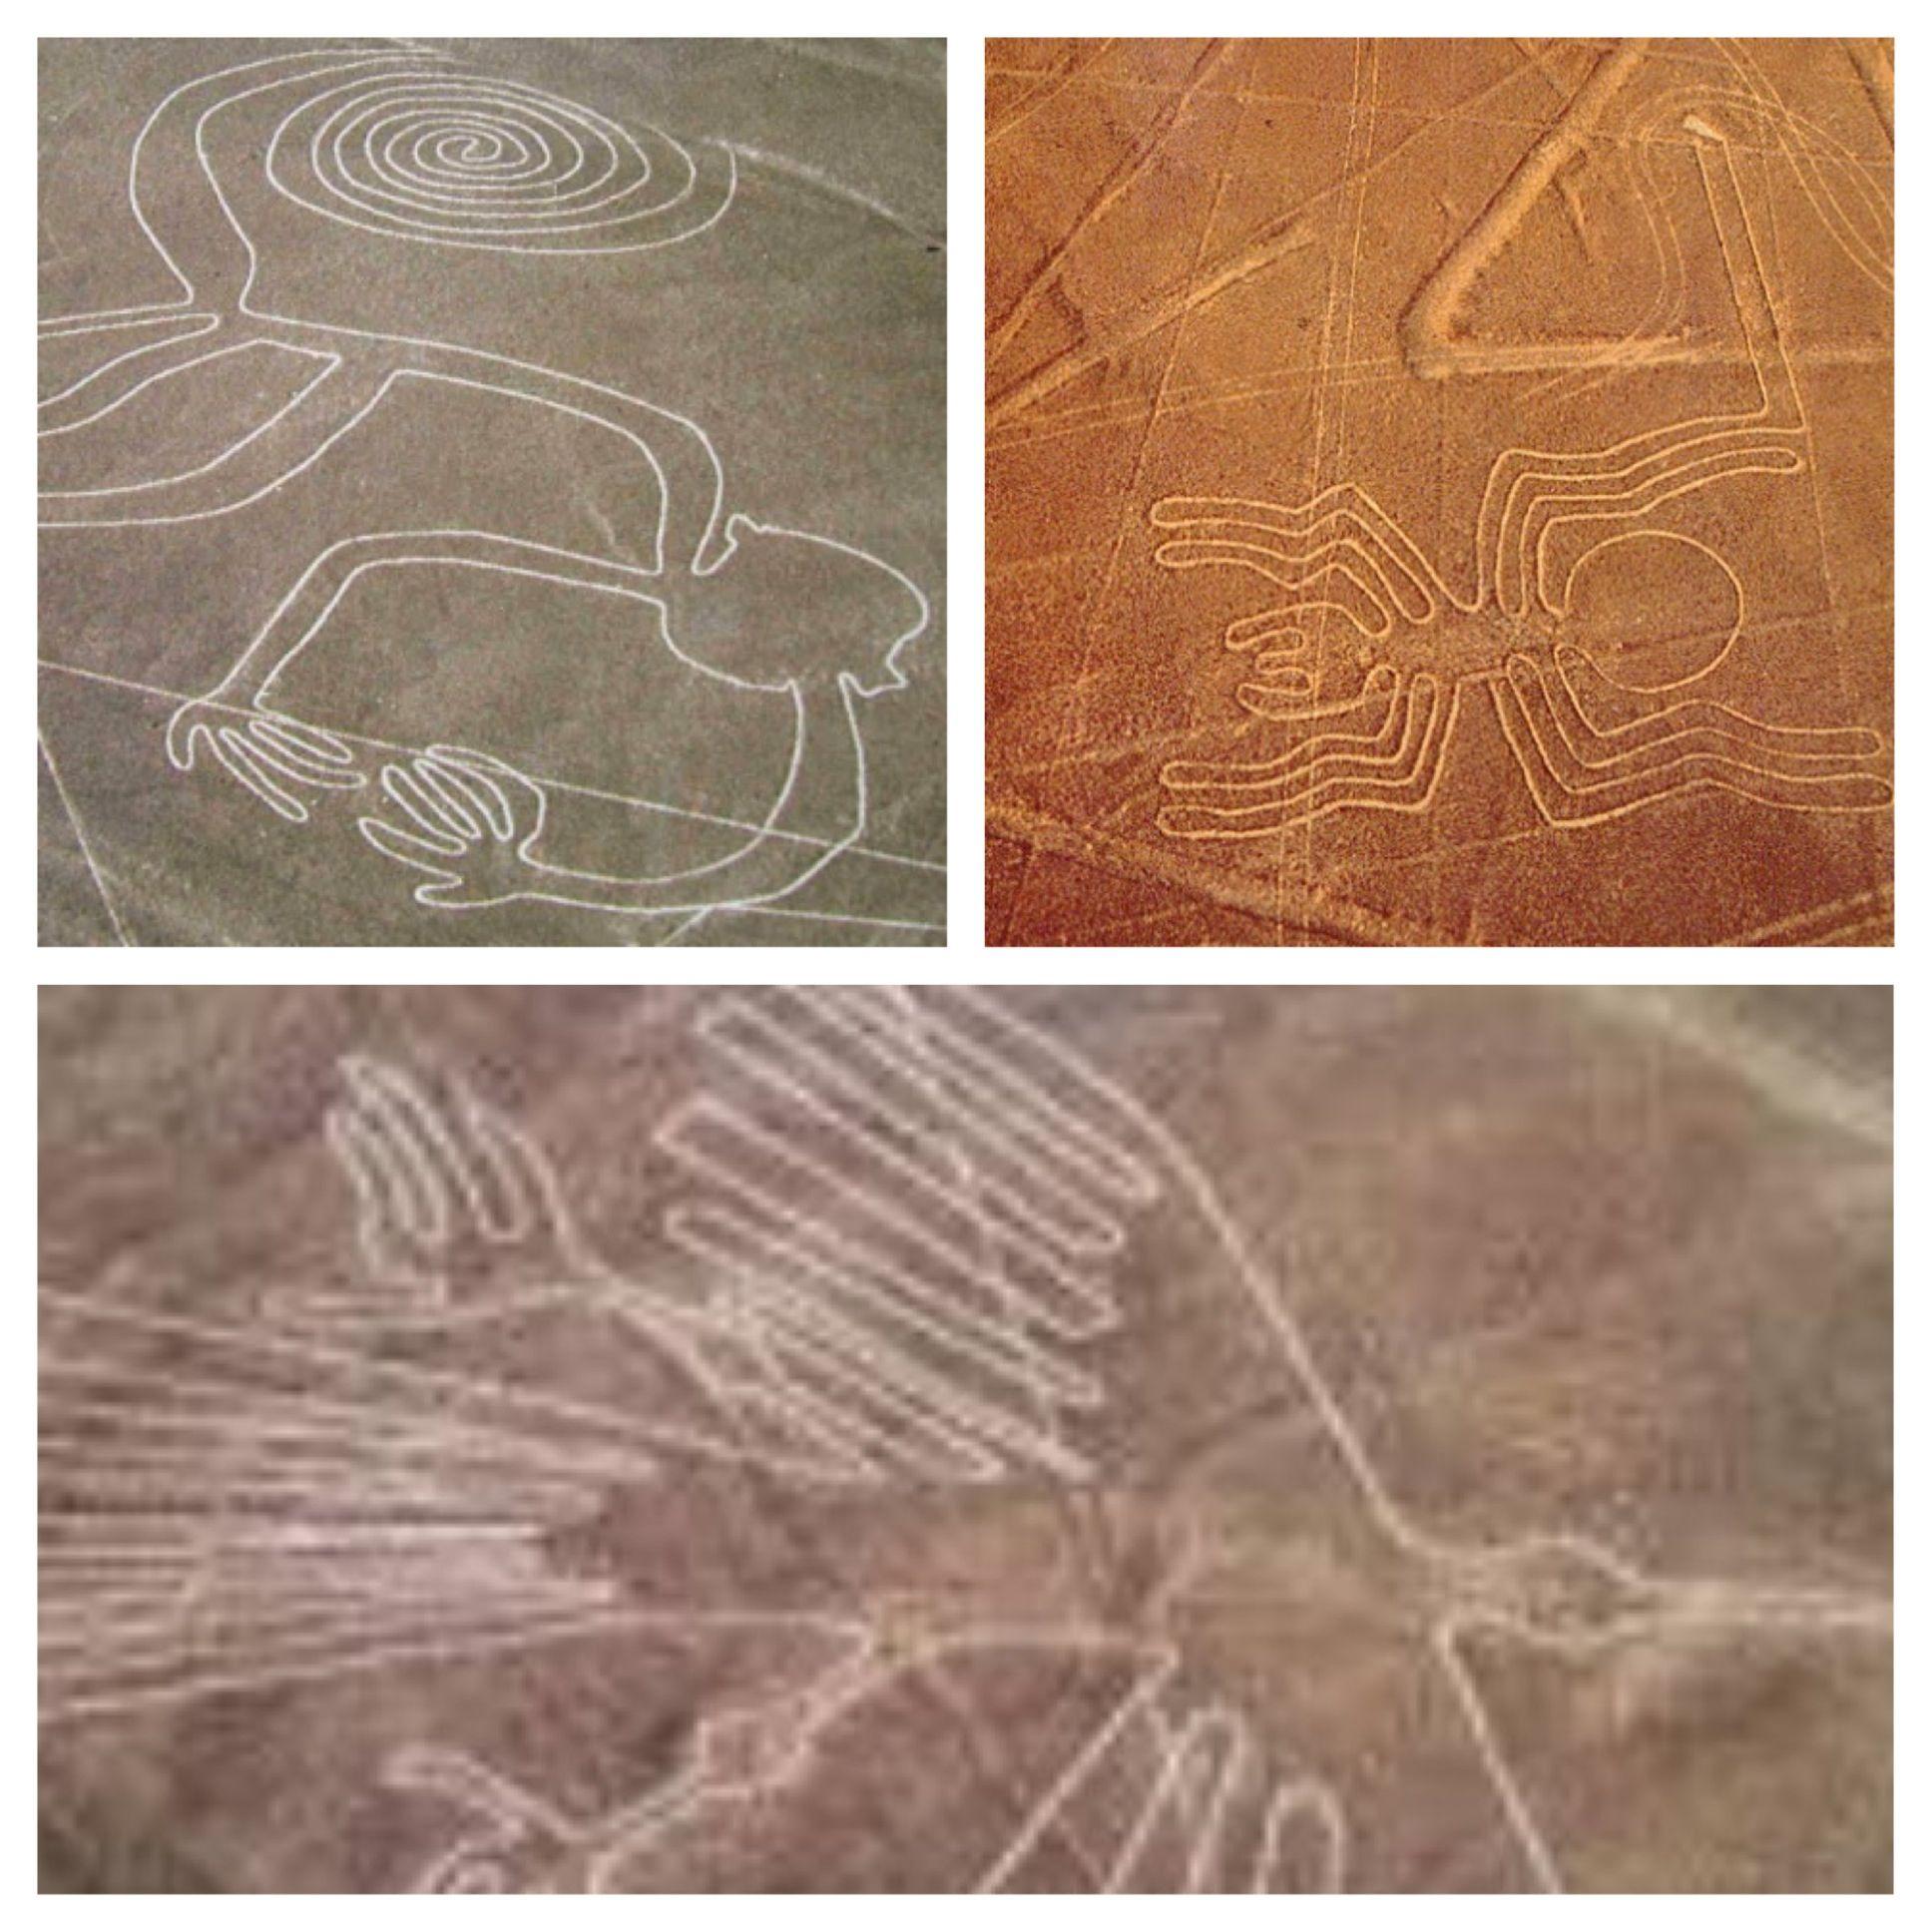 Lineas De Nazca Las Lineas De Nazca Son Dibujos Enormes En La Tierra Necesito Volar 31 Para Ver Los Dibujos Porque Son Mu Lineas De Nazca Dibujos Serpientes